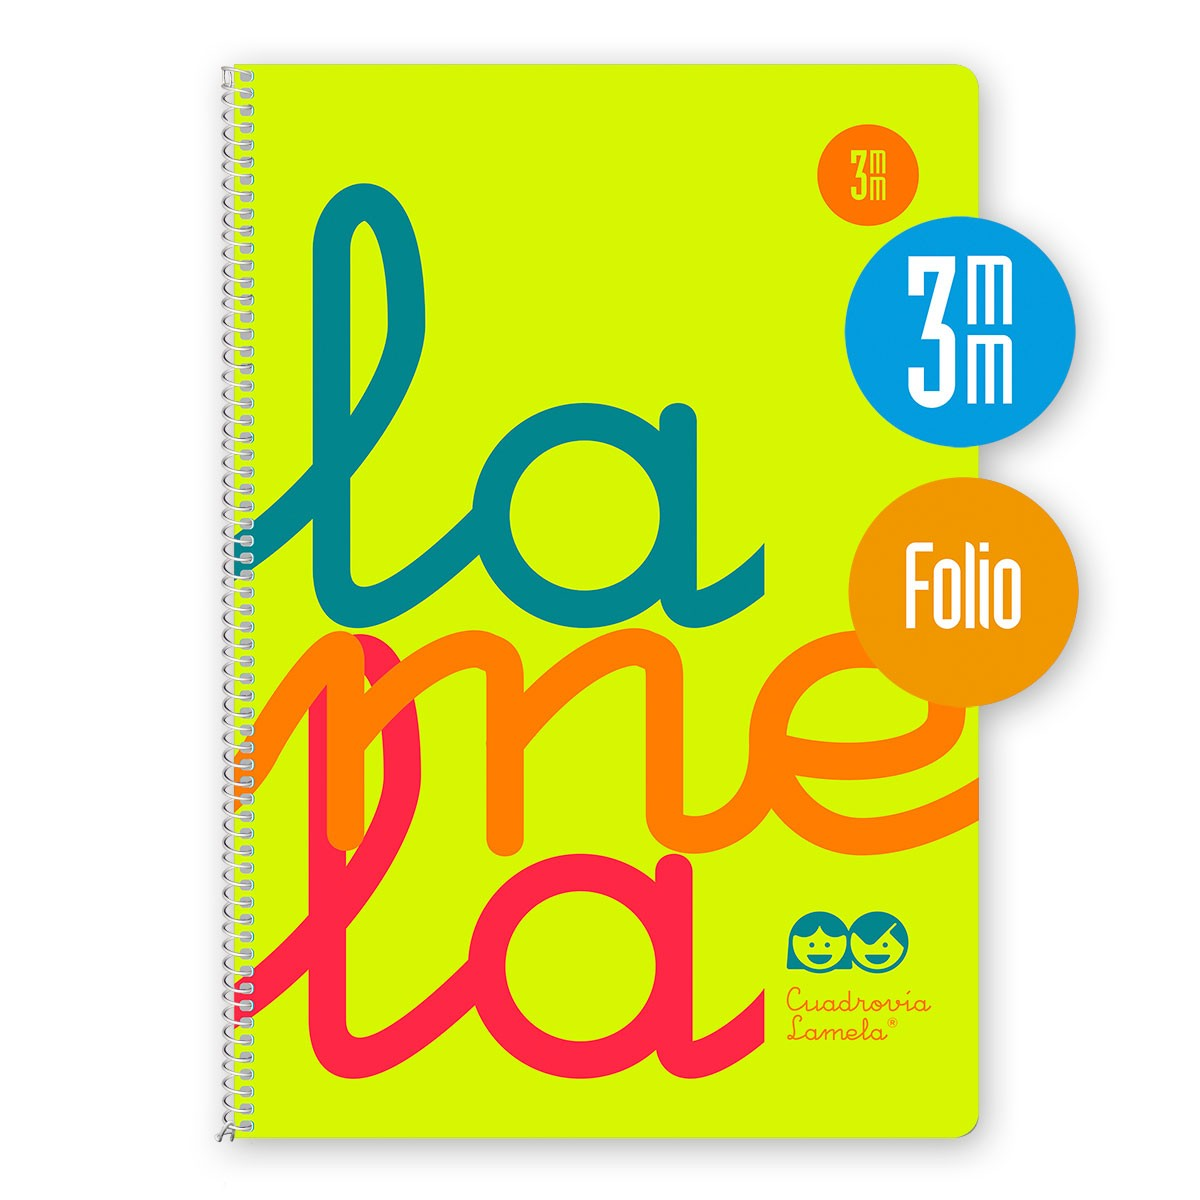 Cuaderno Espiral Folio 80 Hojas, 90 Grs. Cubierta Polipropileno Fluor. AMARILLO. Cuadrovía 3mm.